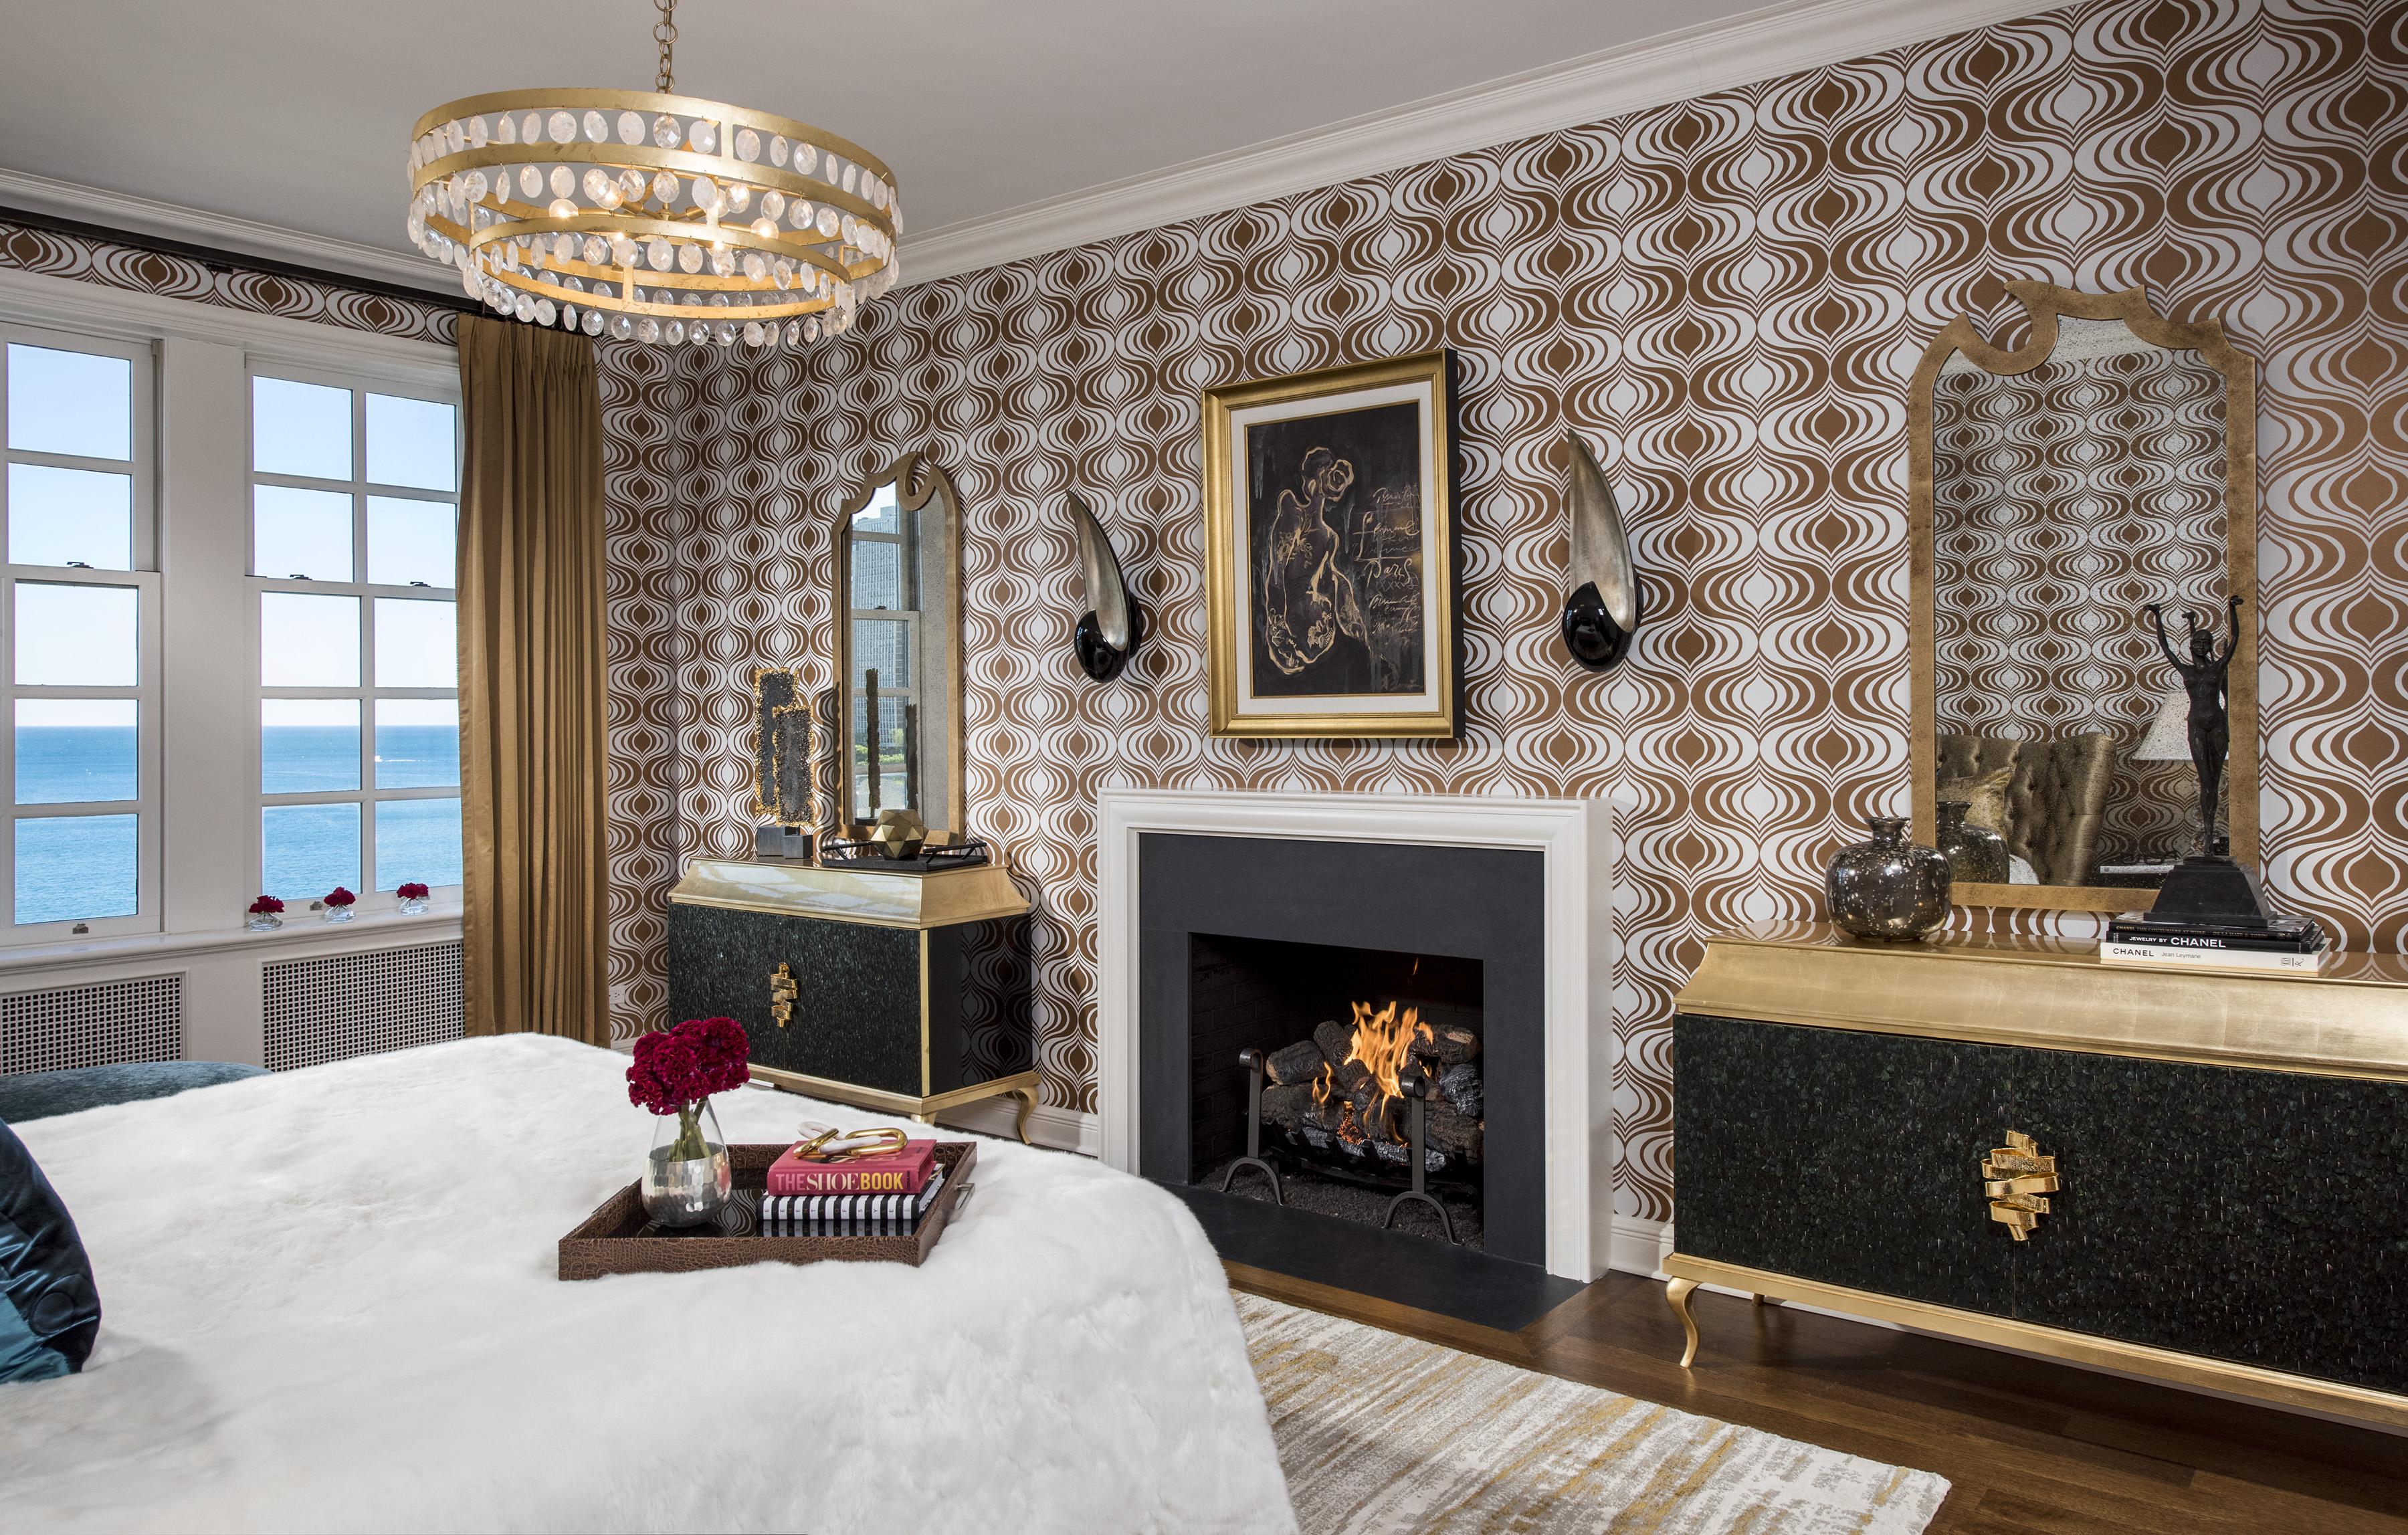 dormitorios femeninos Las mejores dormitorios femeninos de lujo A Classic Modern Home In Chicago koket bedroom